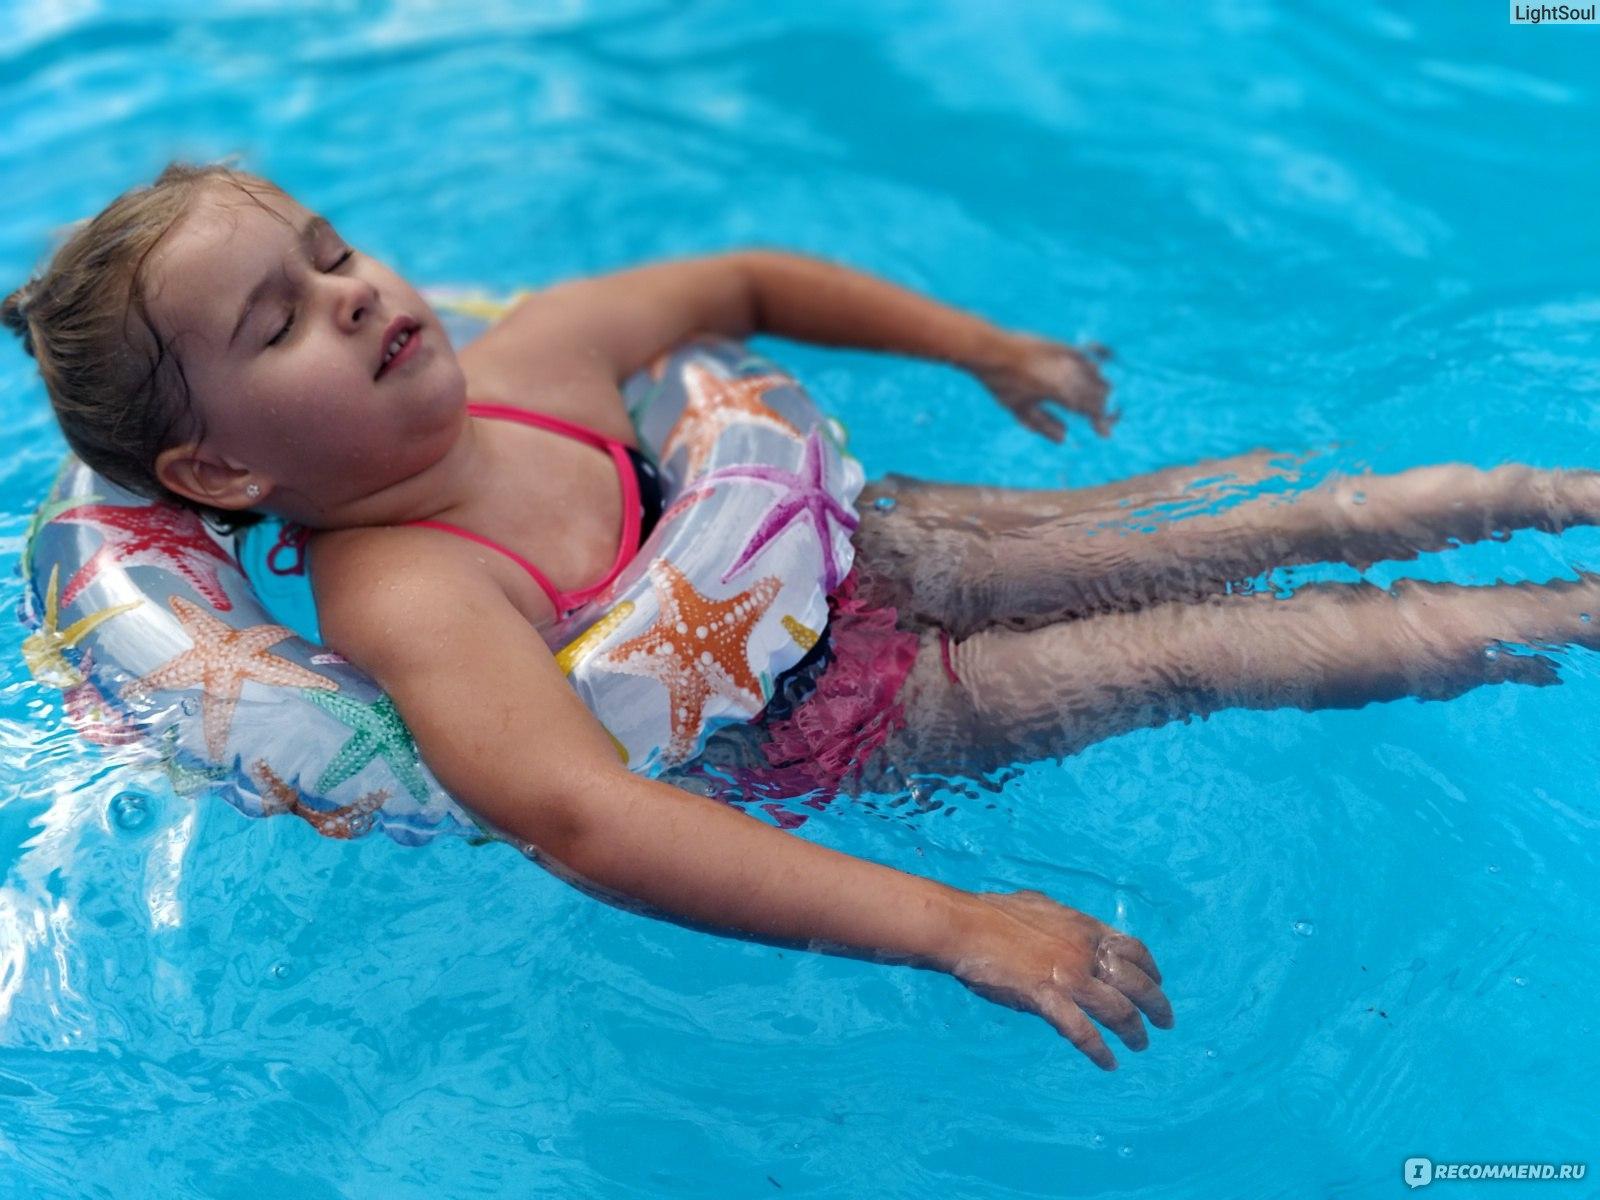 сколько надо плавать в бассейне для похудения